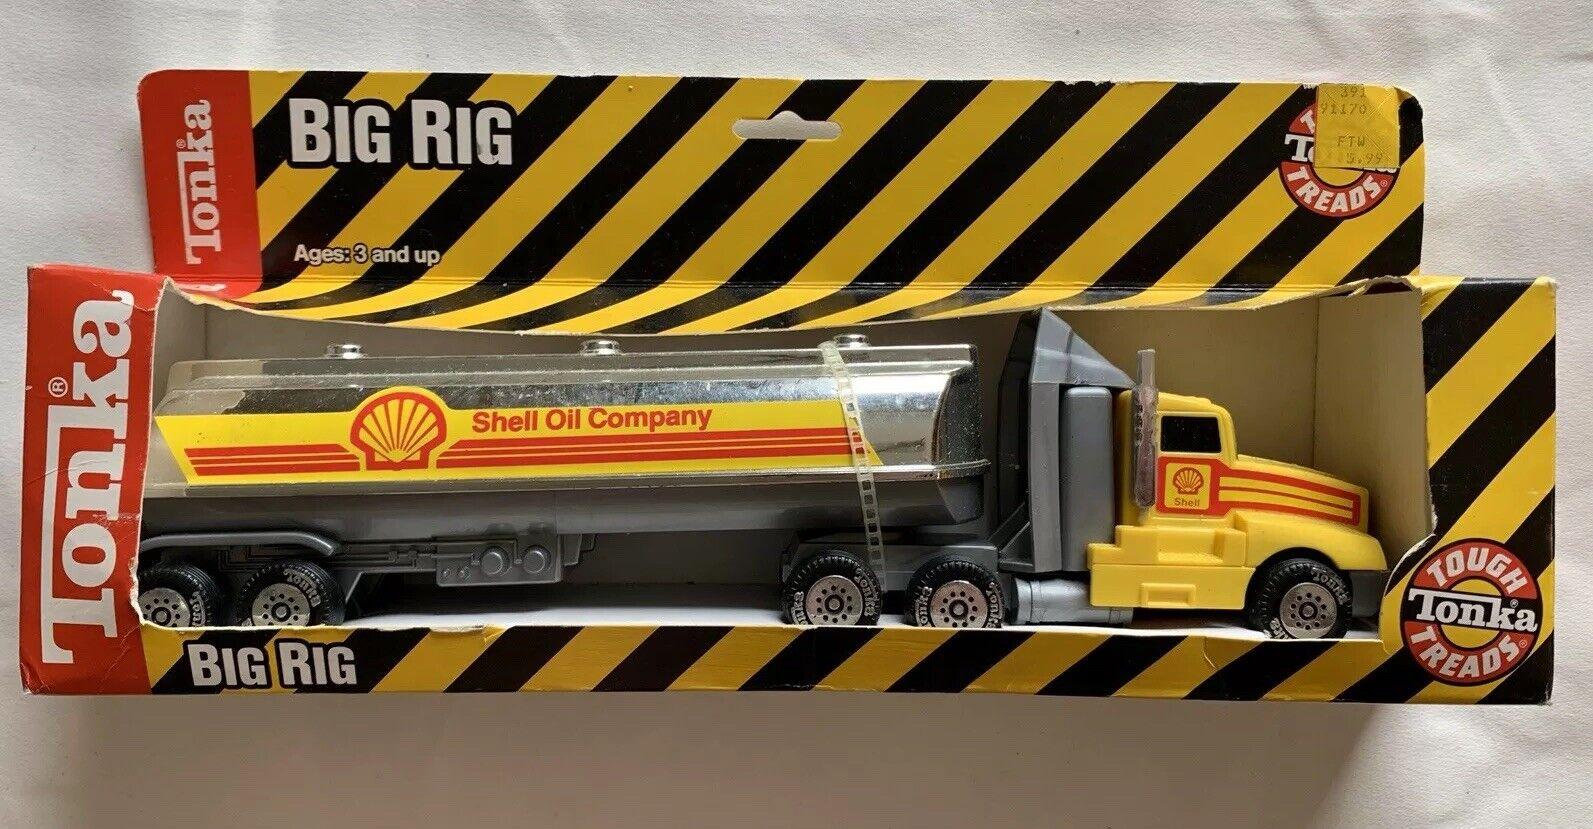 Tonka Shell Oil Company Semi Big Rig camión cisterna 1991